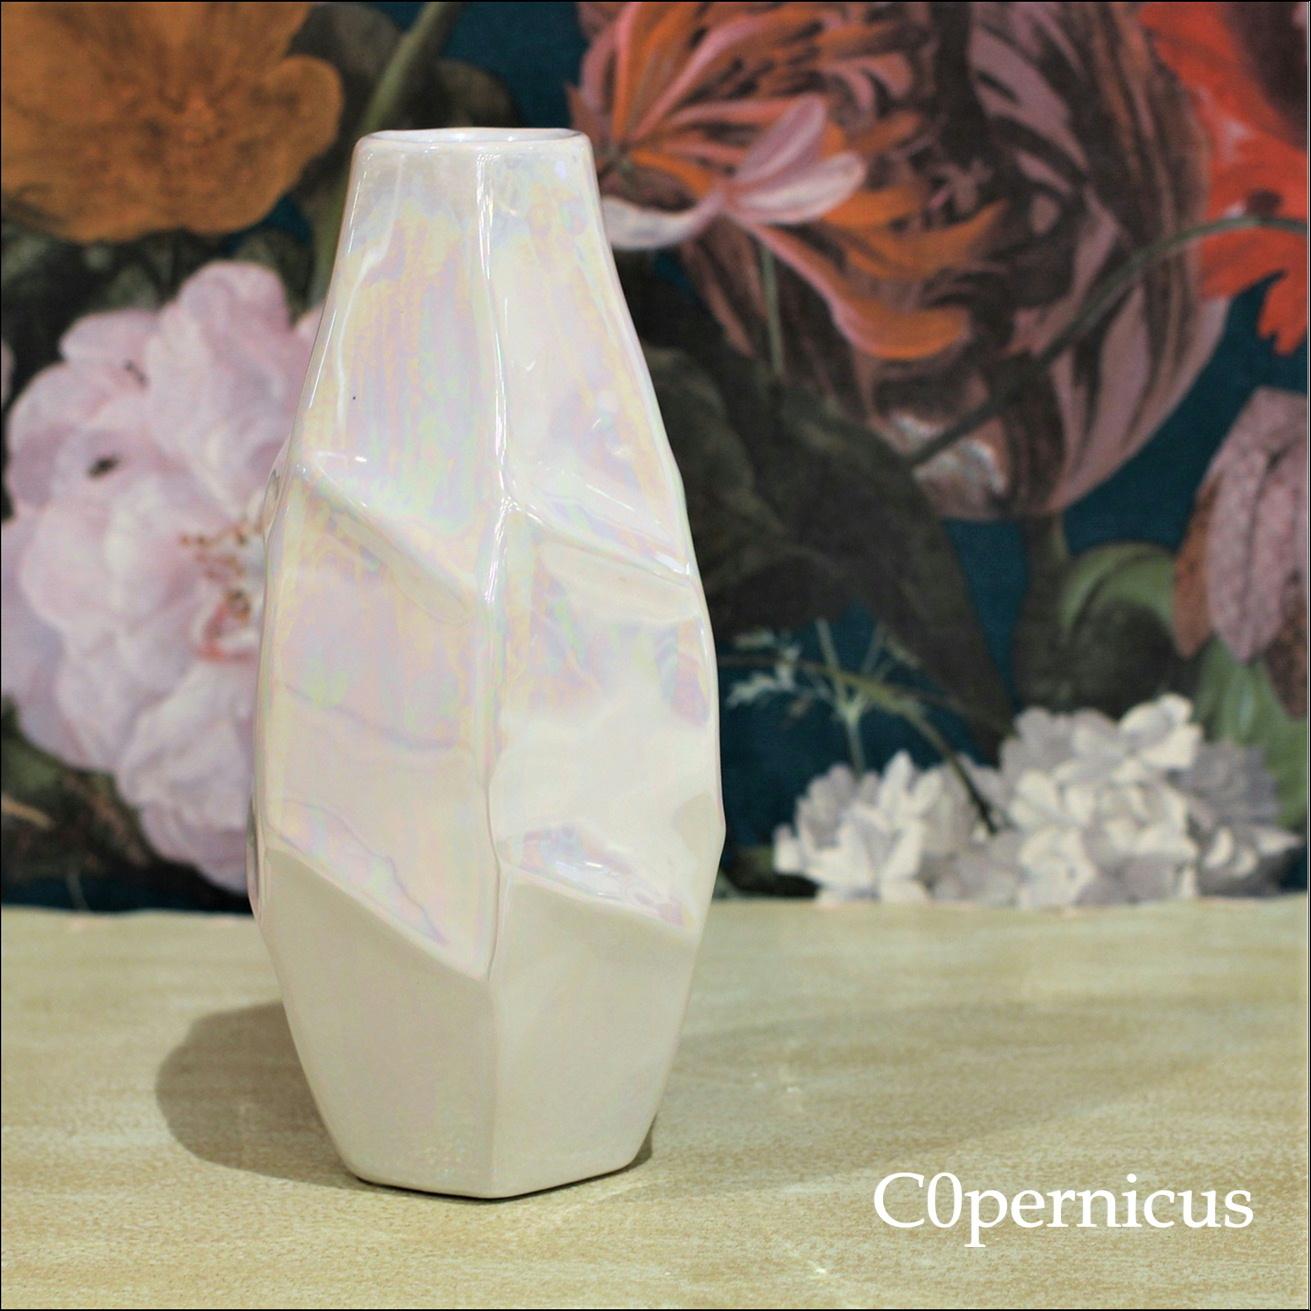 flowerbase11 サイズ オーロラパール/花器/花瓶 浜松雑貨屋 C0pernicus